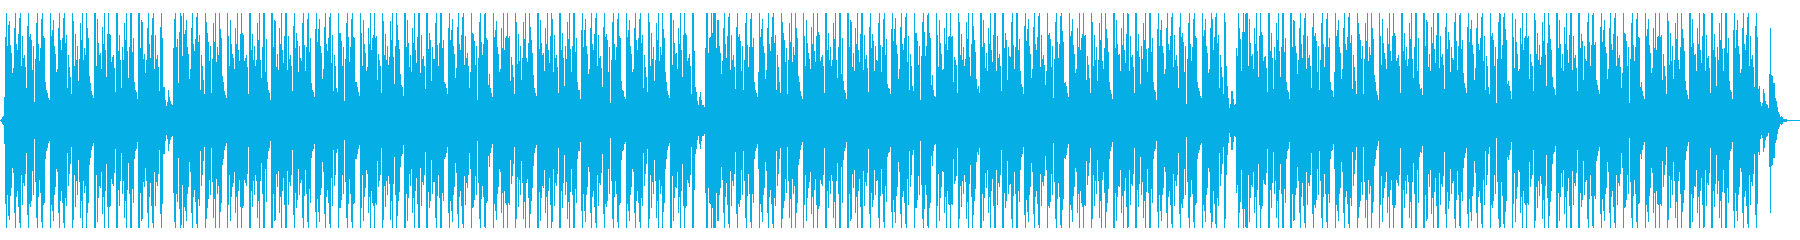 ジャズなローファイヒップホップの再生済みの波形